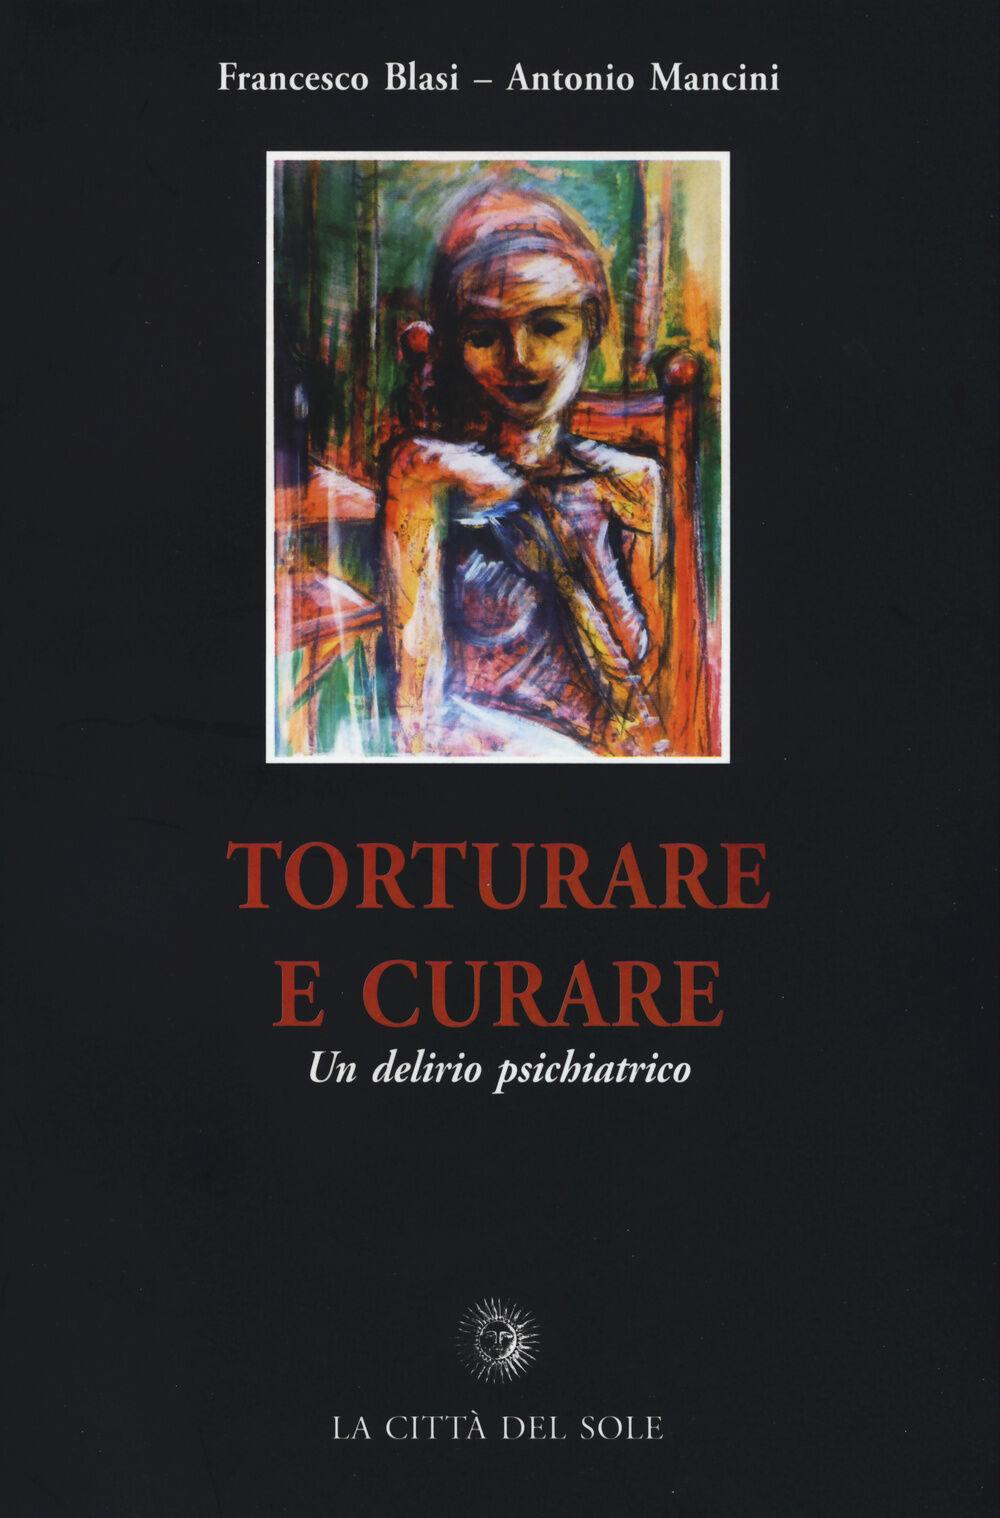 Torturare e curare. Un delirio psichiatrico